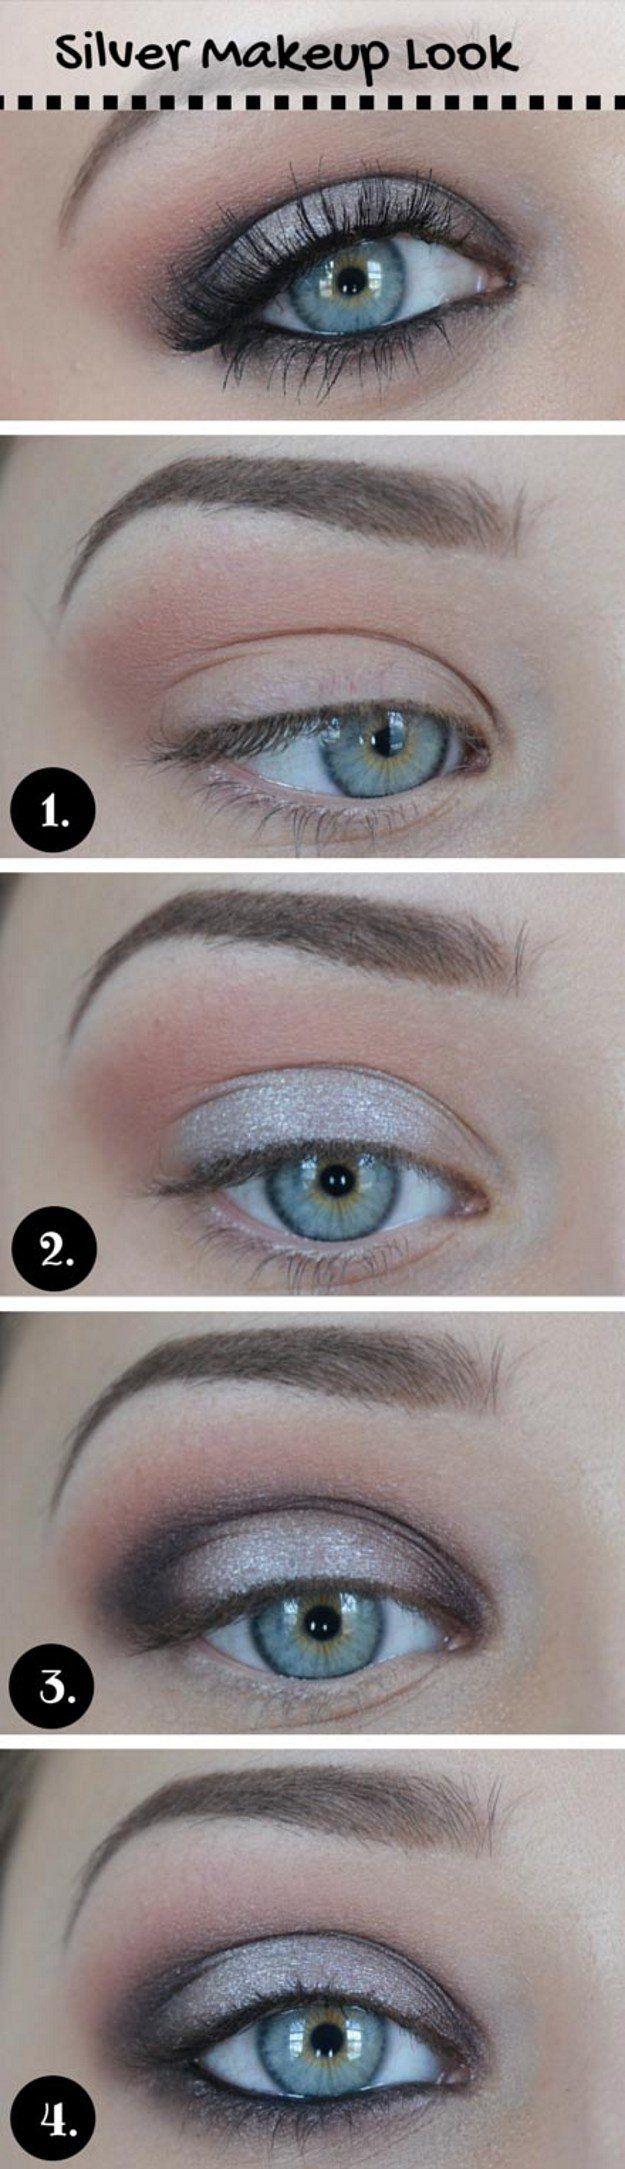 Cómo hacer maquillaje de ojos de plata |  Ojos metálicos